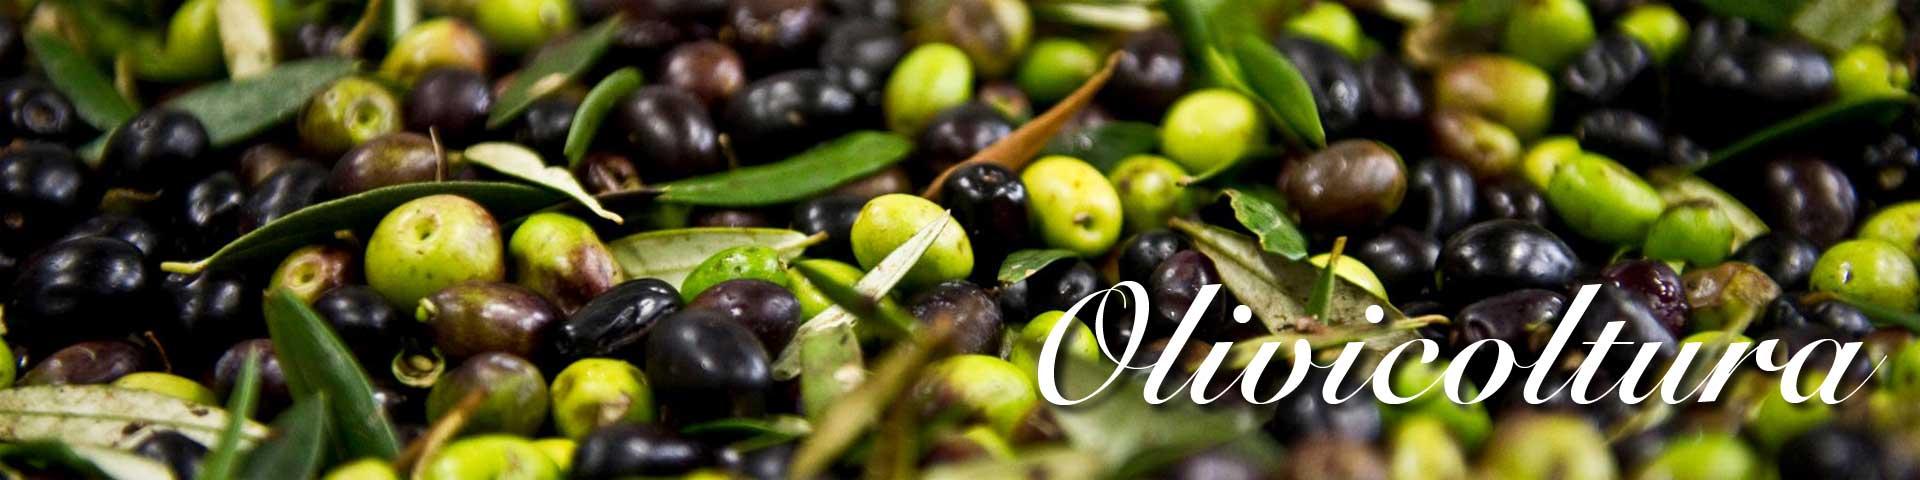 Vendita online attrezzatura per olivicoltura - Attrezzi, prodotti ed accessori per la raccolta delle olive